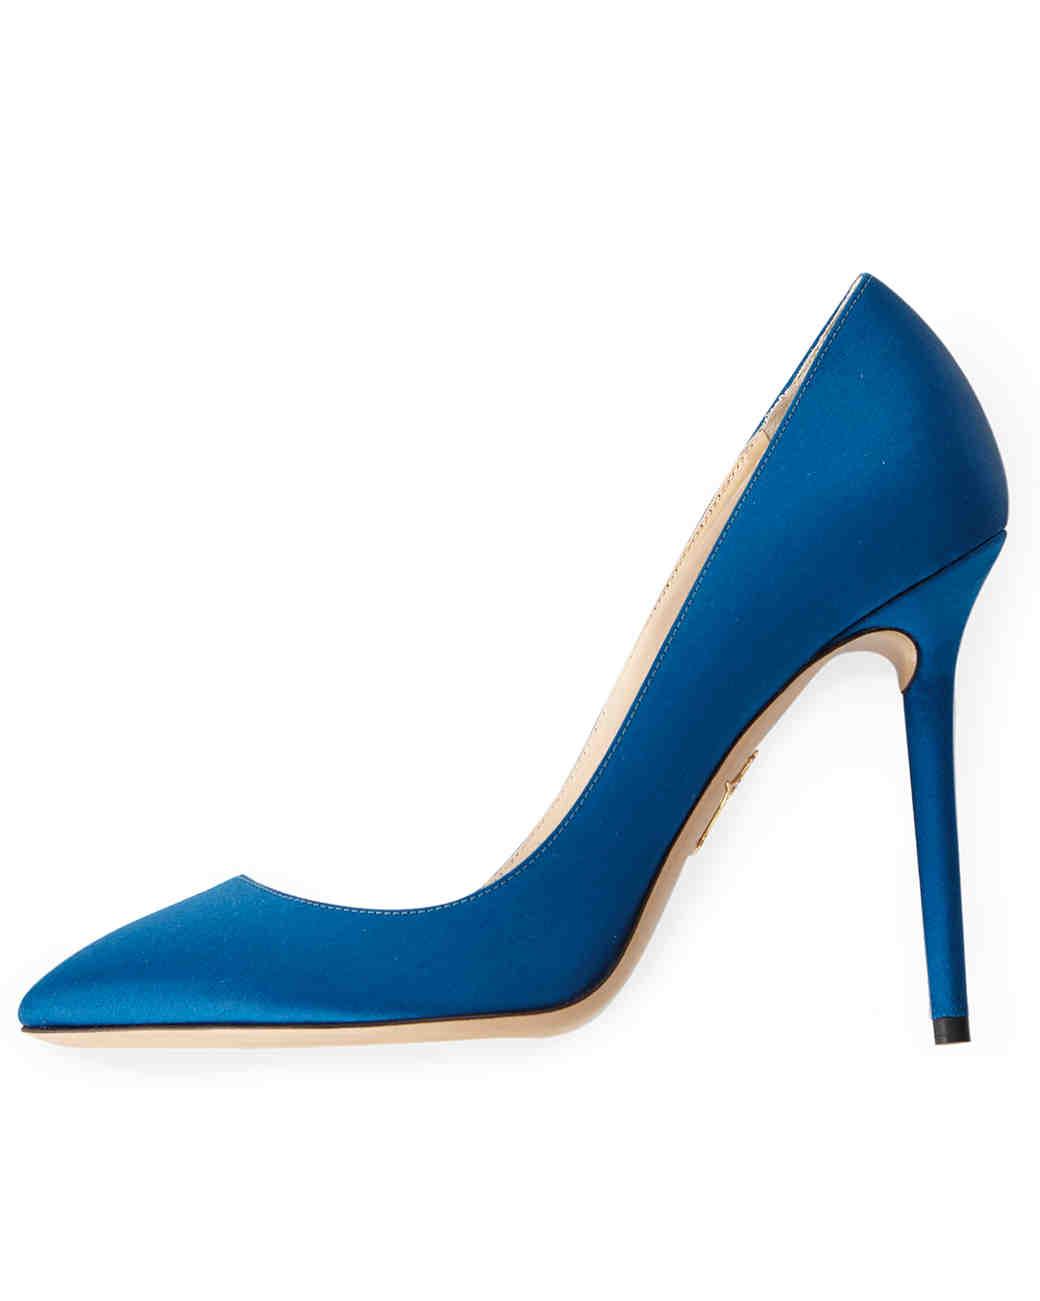 shoes-0090-d111676.jpg